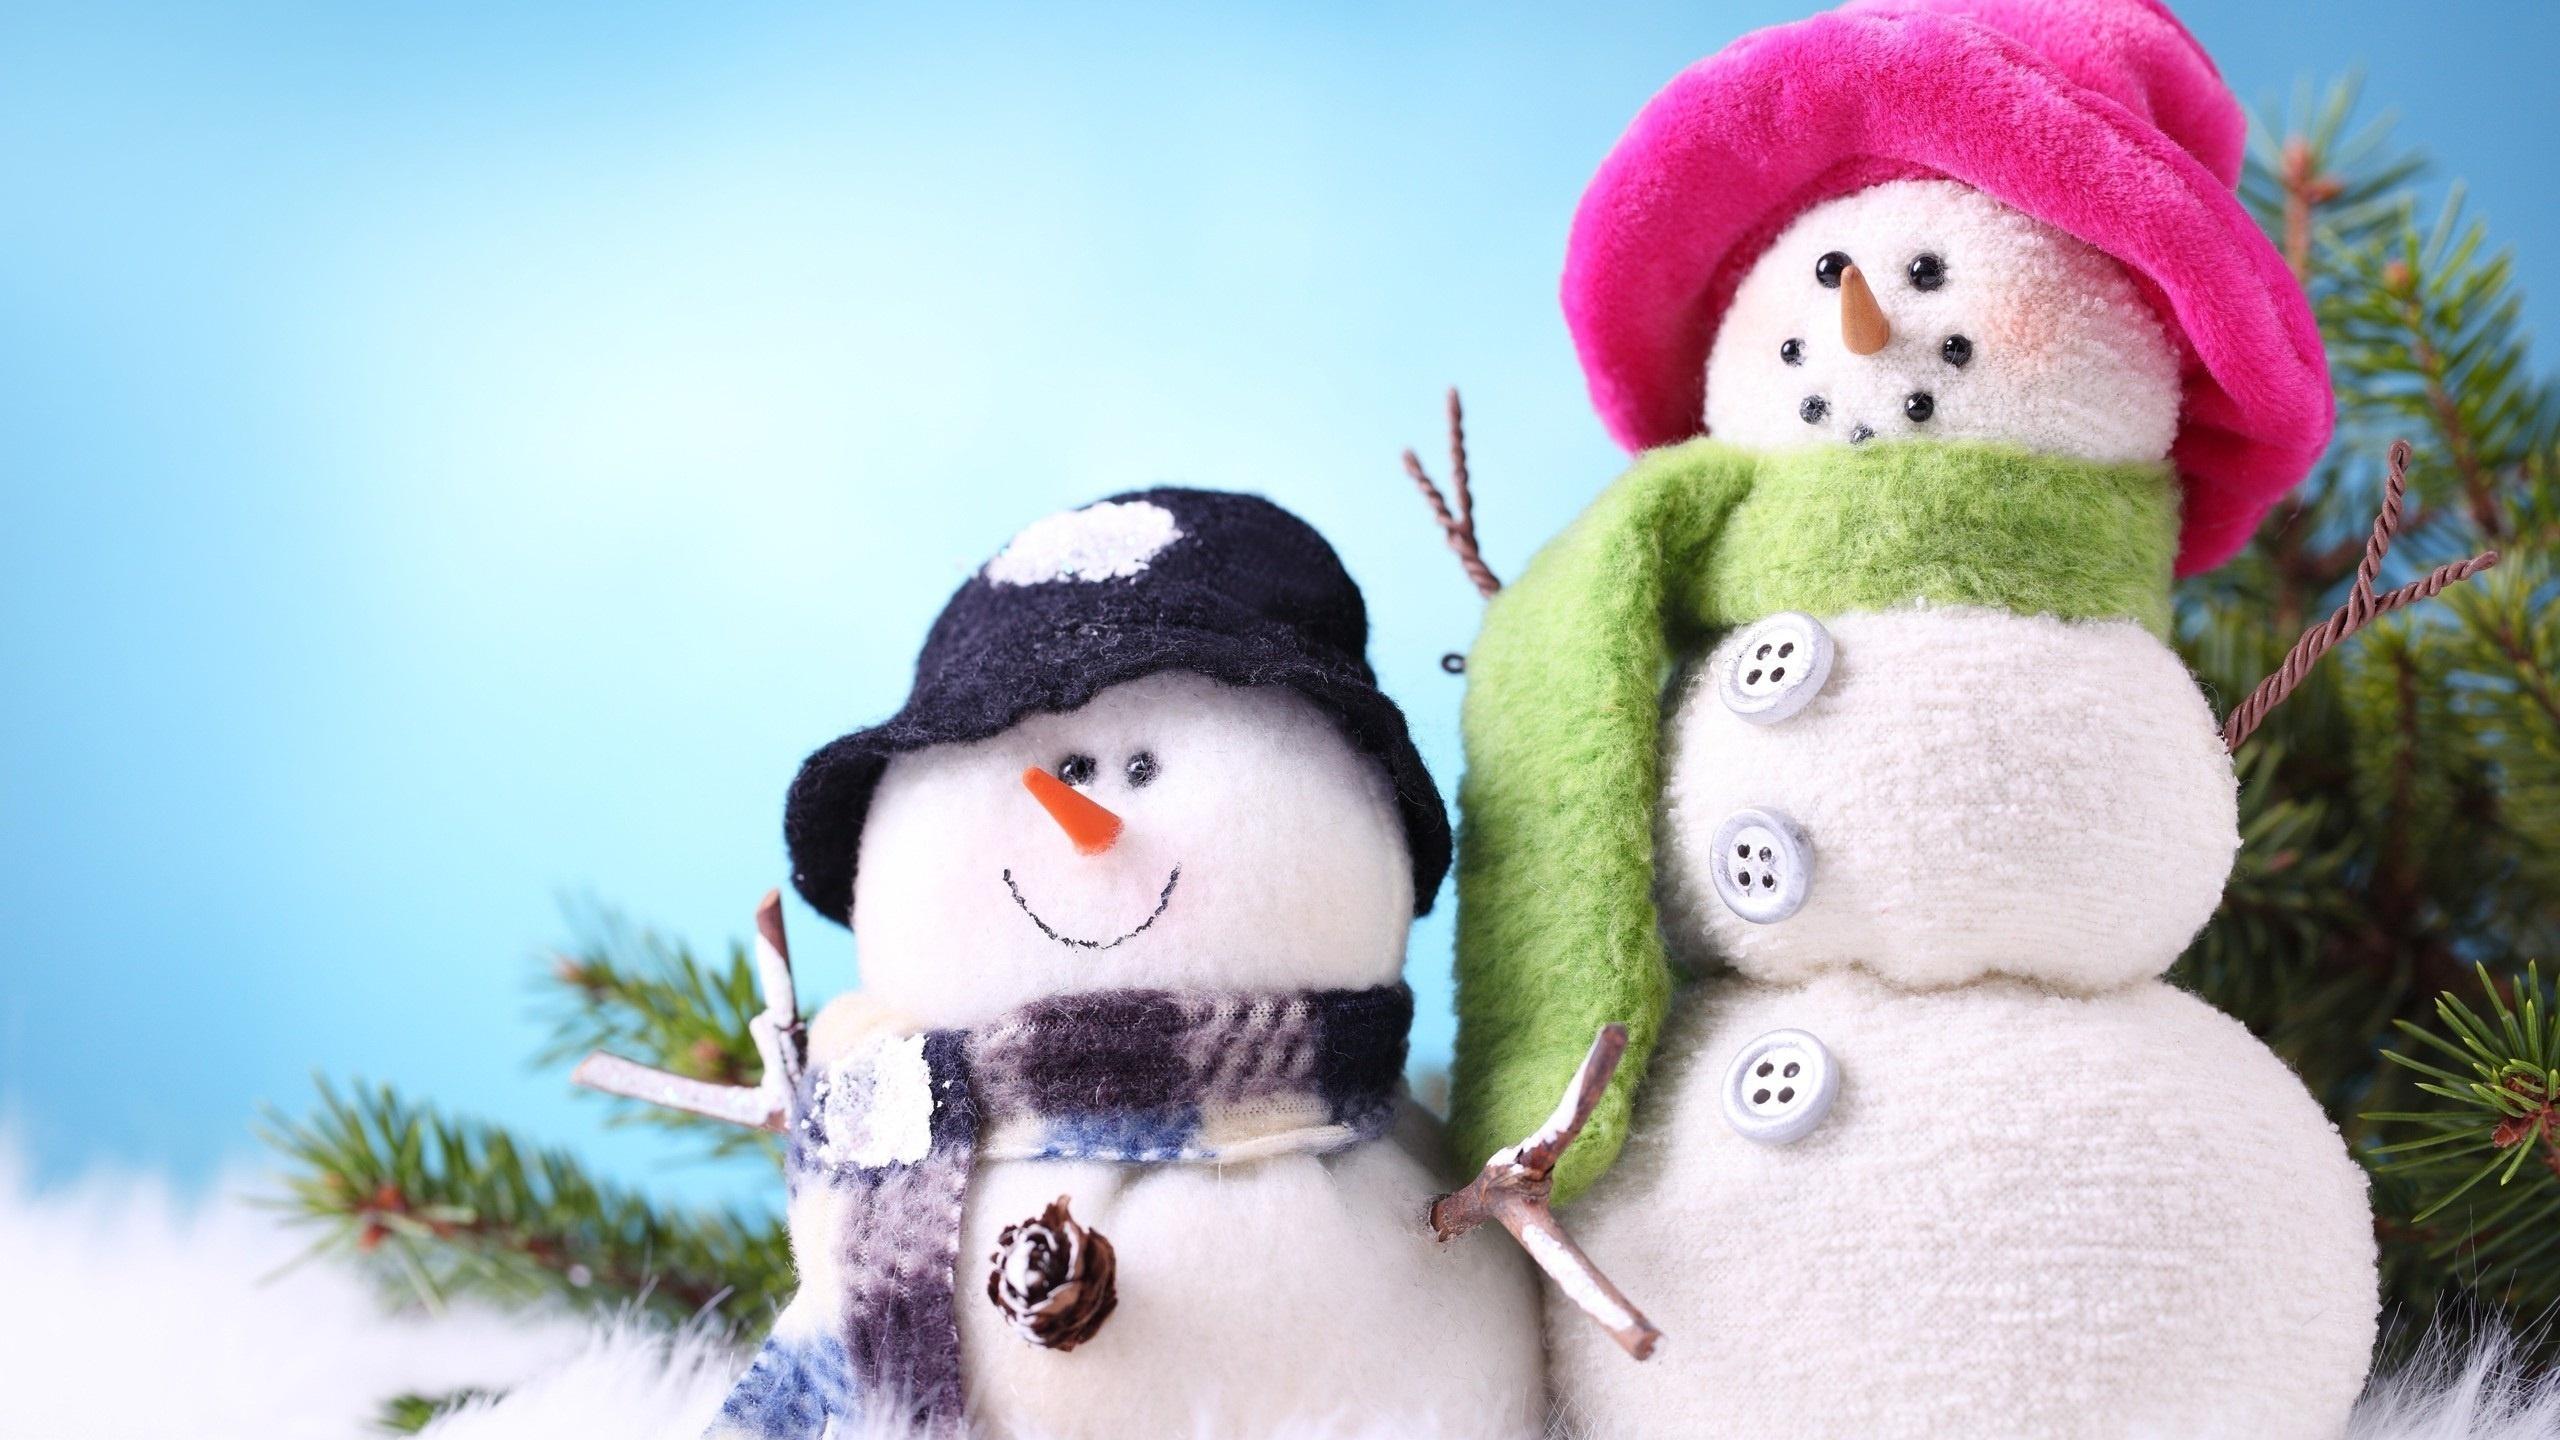 новый год снеговик картинки красивые на телефон отправилась поиски малышки